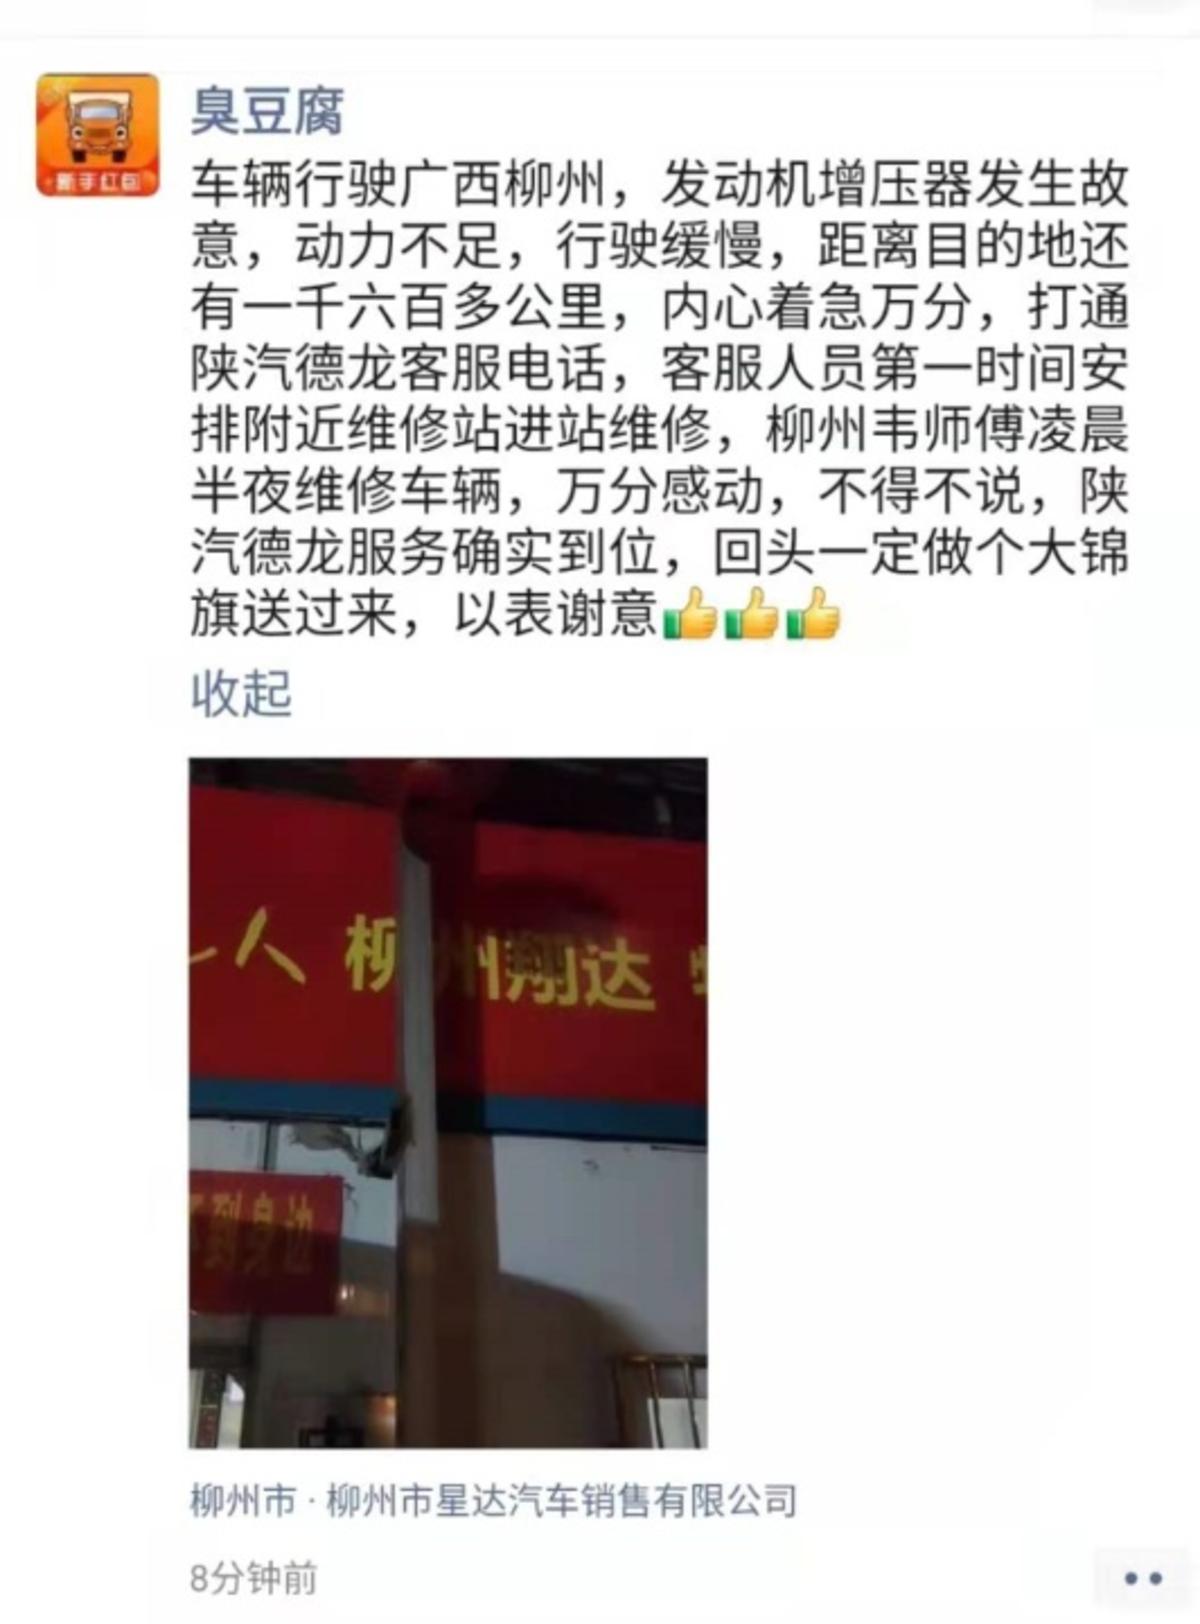 """以暖心成就""""大爱""""陕汽轻卡服务不断升级"""